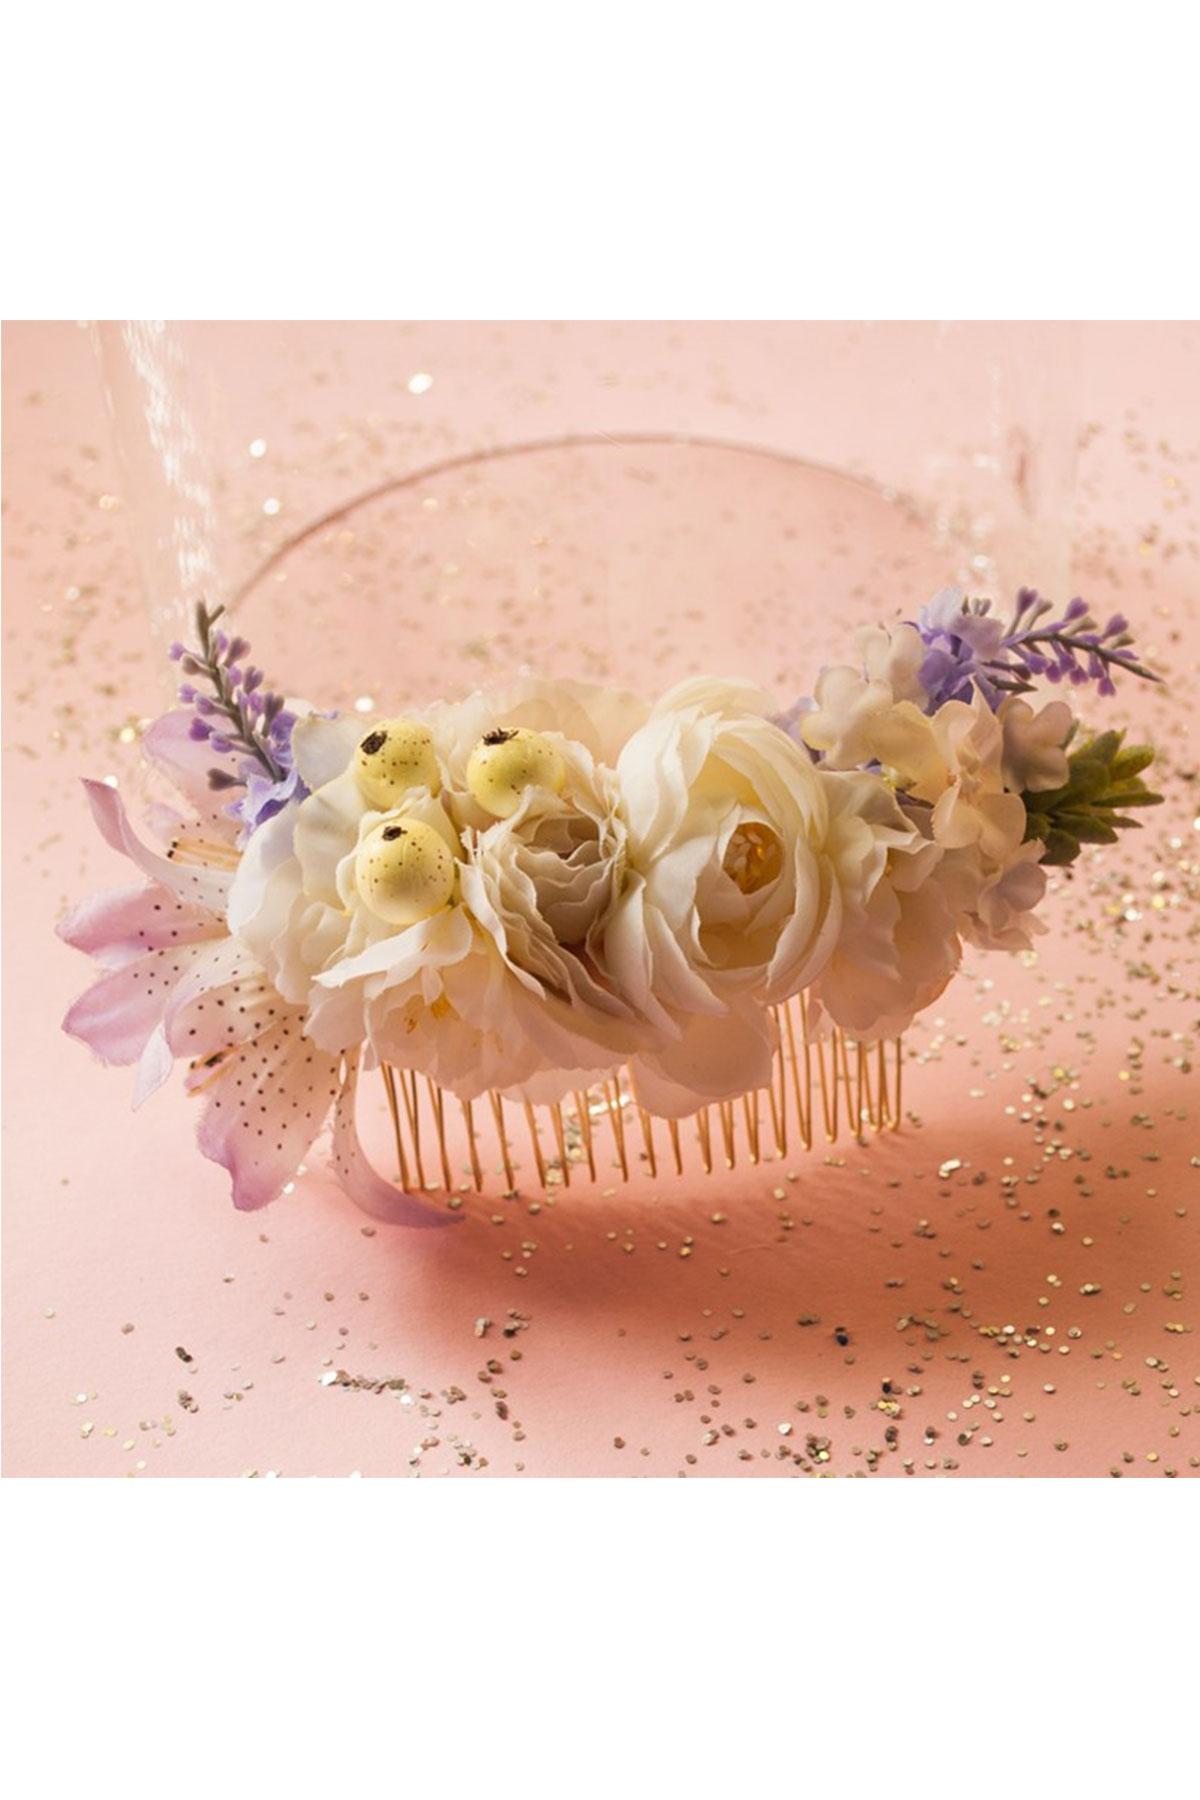 Ръчно изработен гребен с нежни цветя в кремави цветове / Forget-me-not